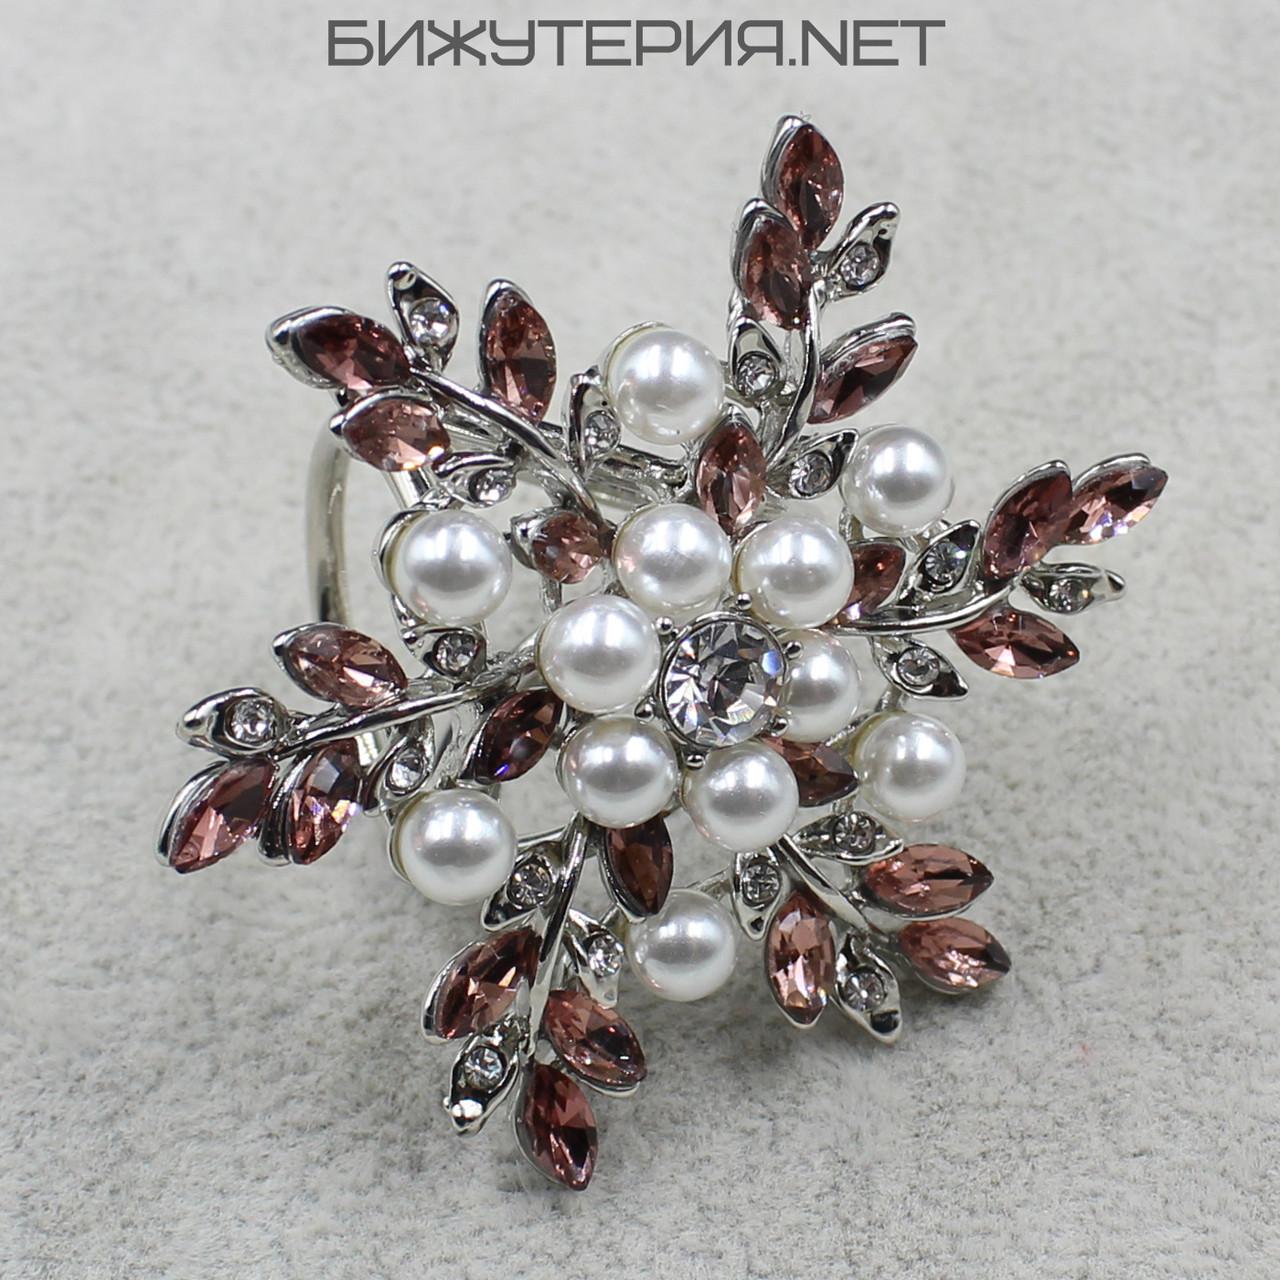 Кольцо JB  для платка или шарфа с искусственным жемчугом и кристаллами - 1060255661